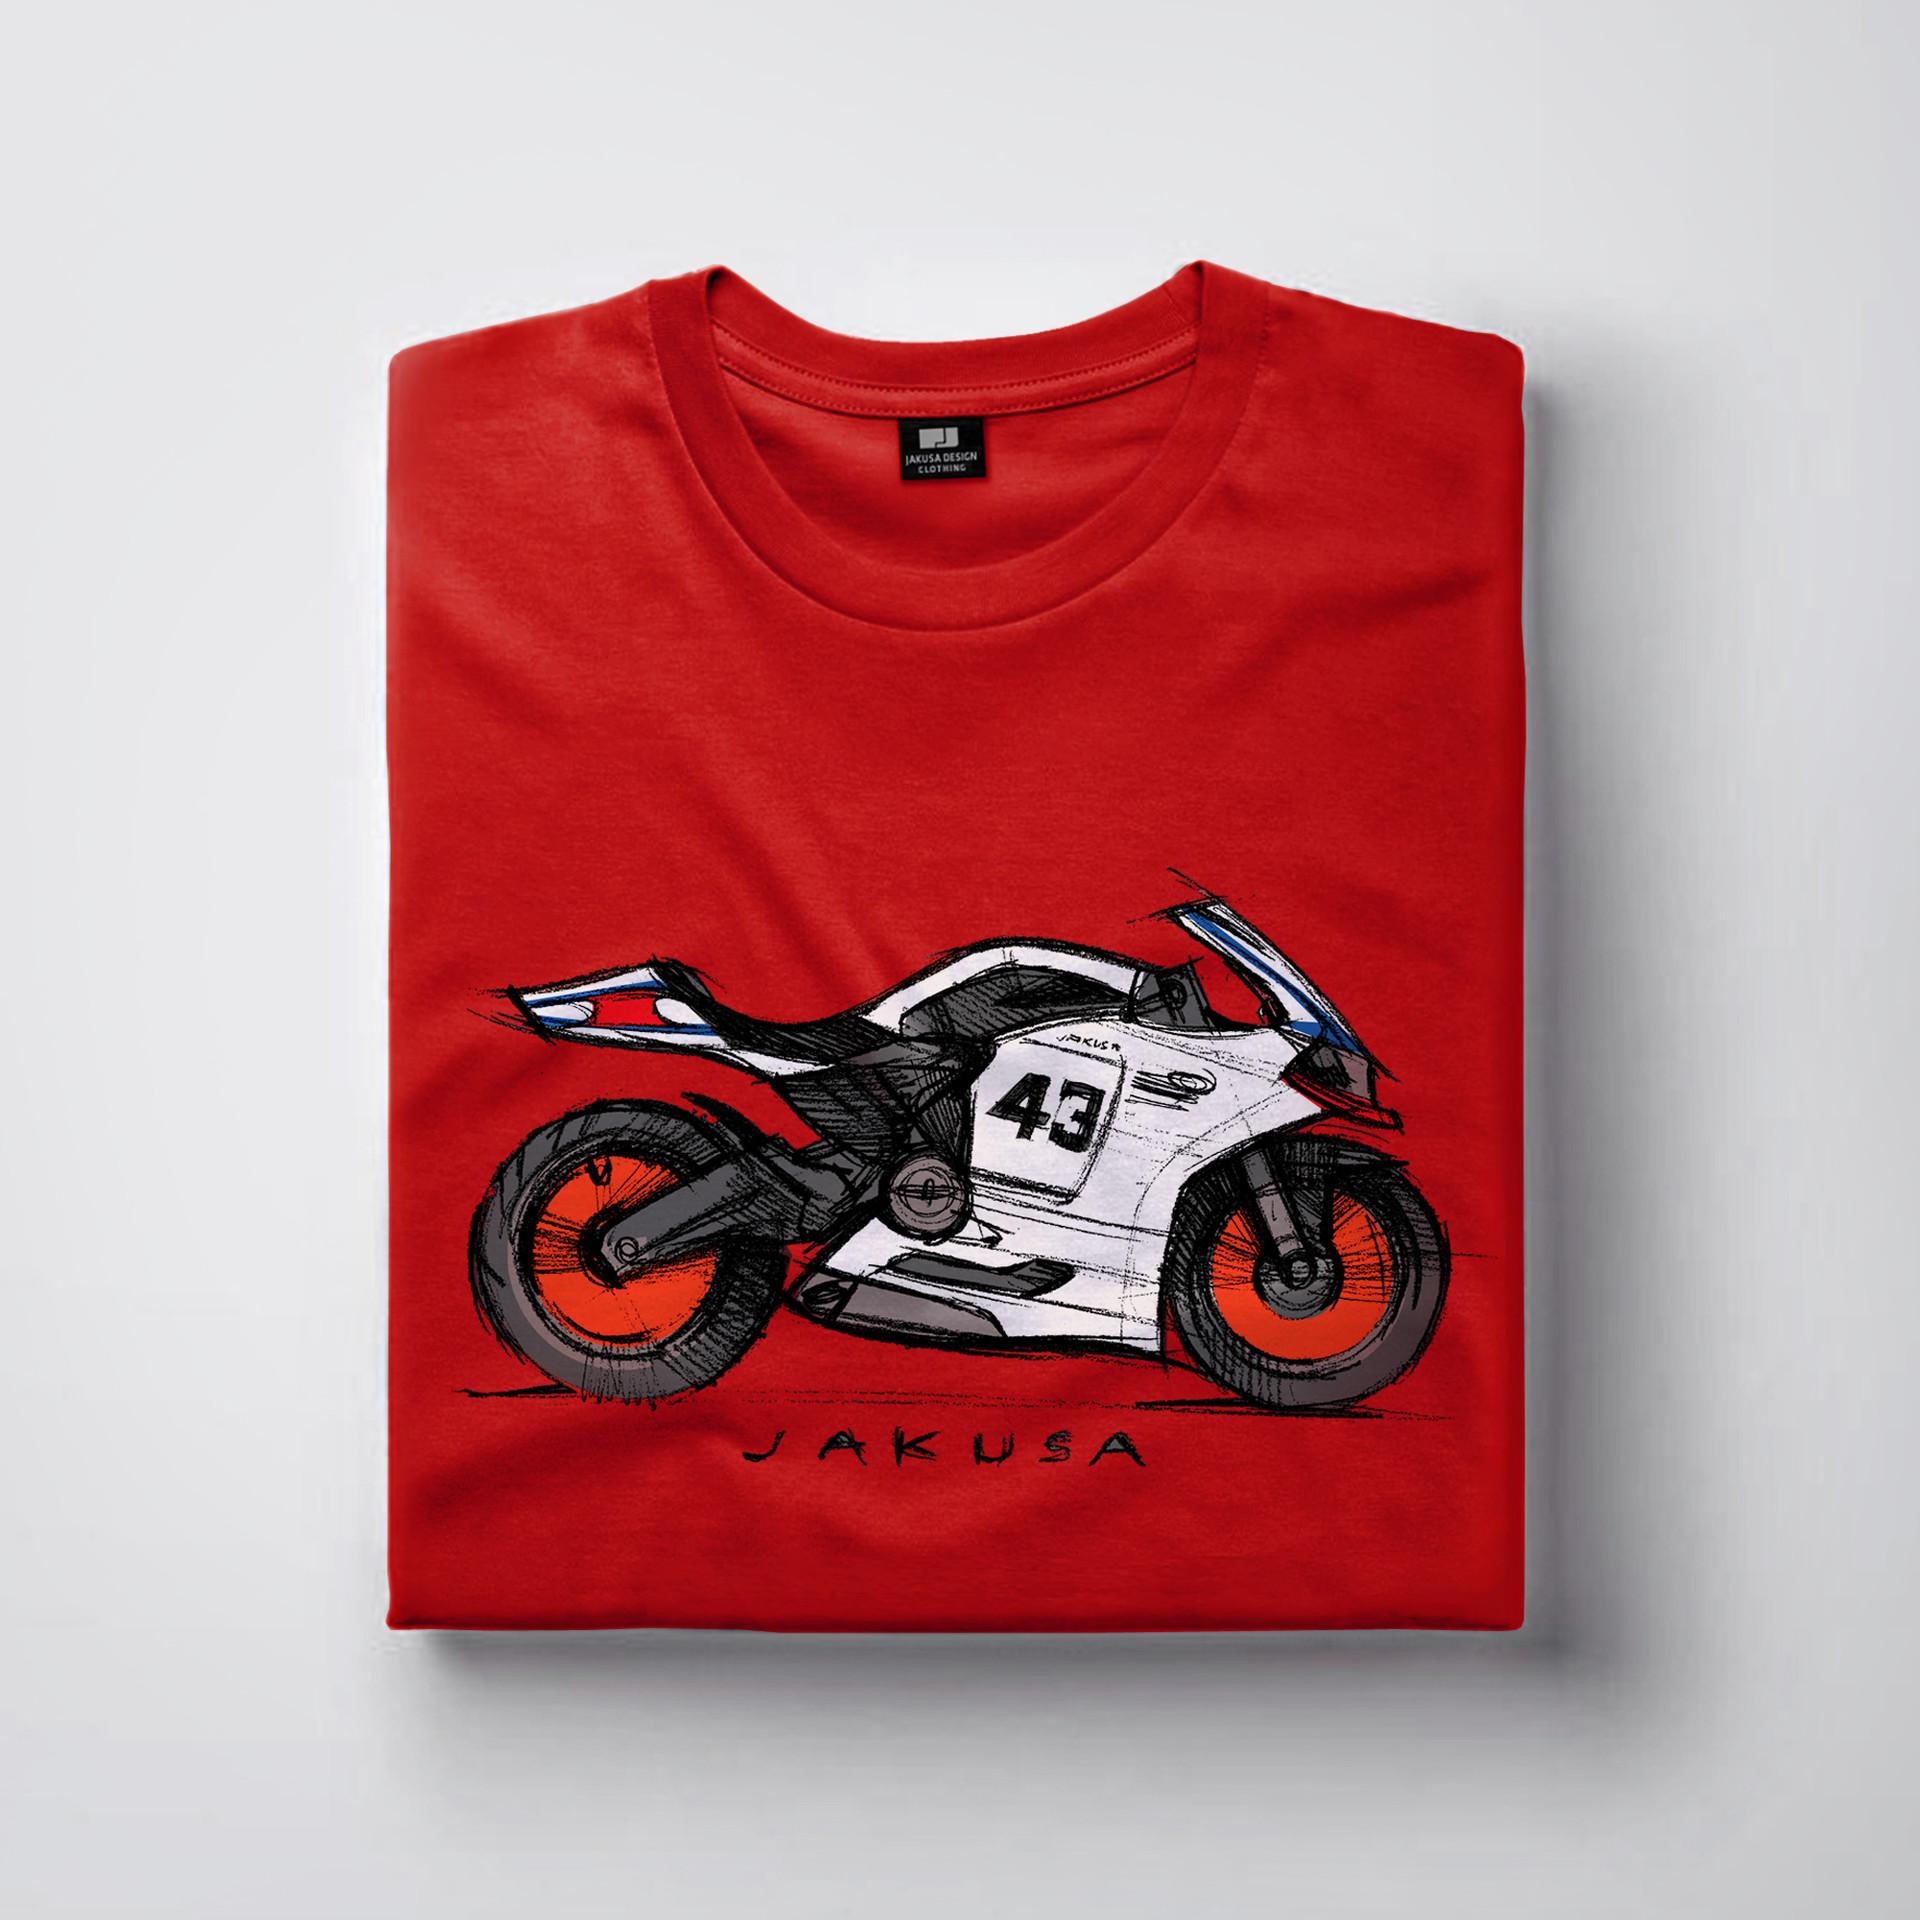 Tamas jakus red t shirt insta2